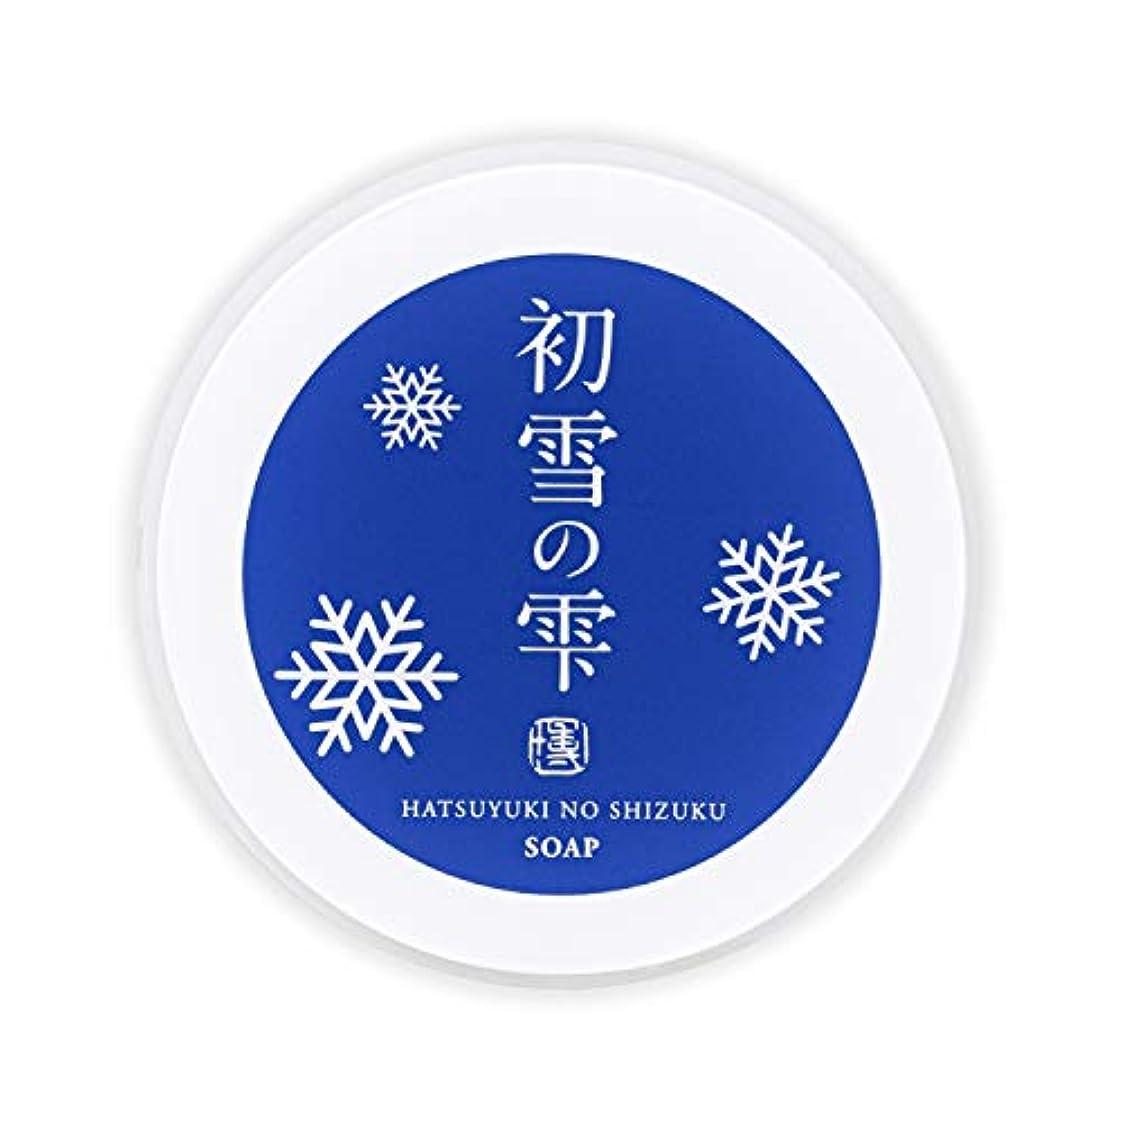 コート愛されし者ガウン初雪の雫 泡 洗顔 練り せっけん ジャータイプ 34g 約2週間分 [プラセンタ ヒアルロン酸 セラミド ビタミンC ]